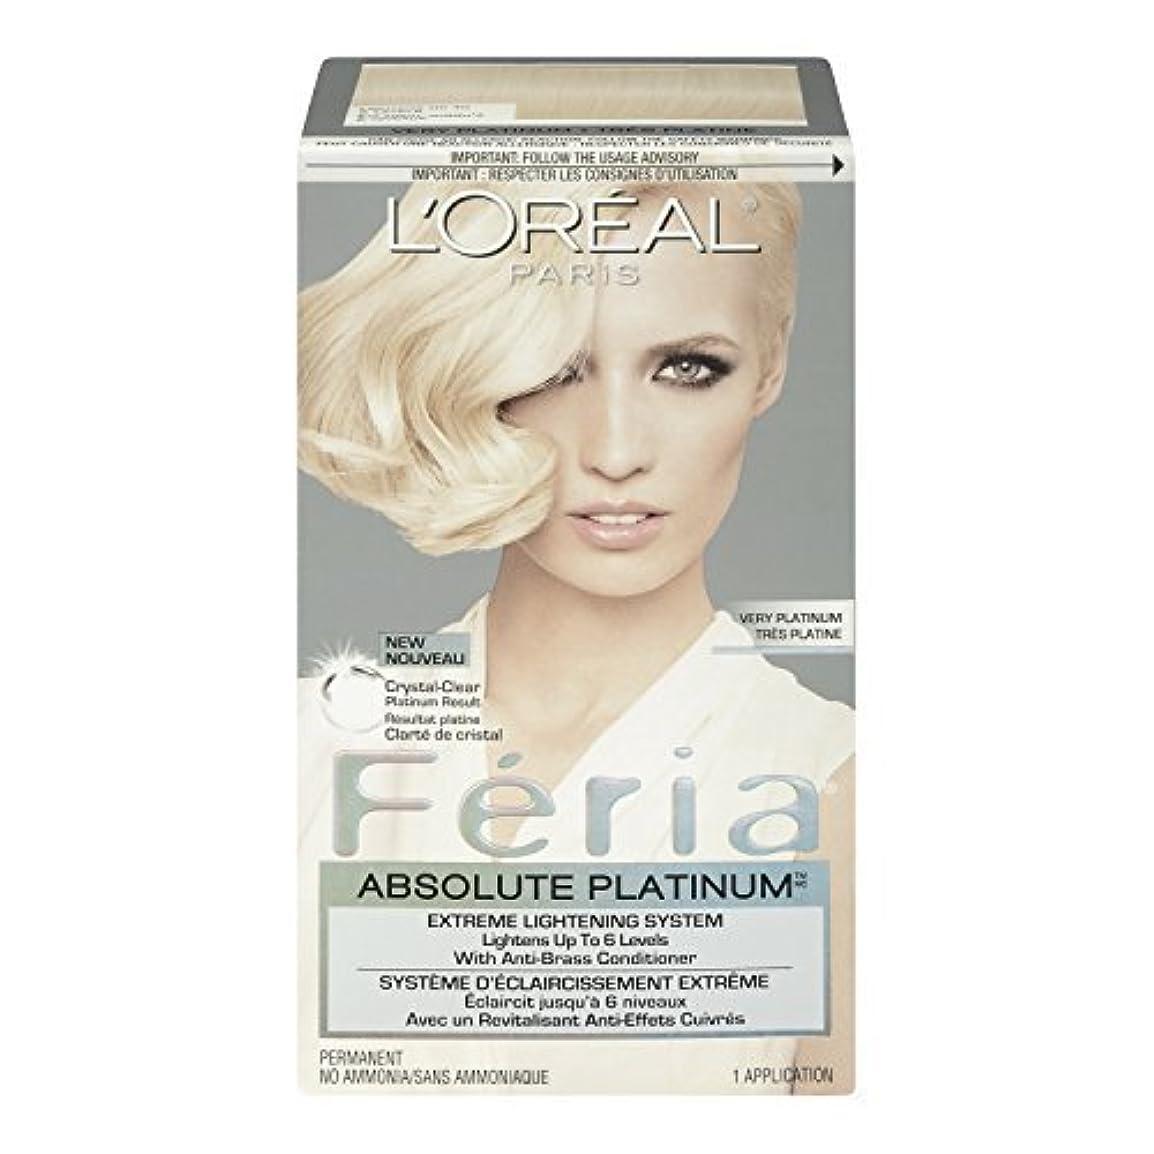 独立頂点レキシコンL'Oreal Feria Absolute Platinums Hair Color, Very Platinum by L'Oreal Paris Hair Color [並行輸入品]